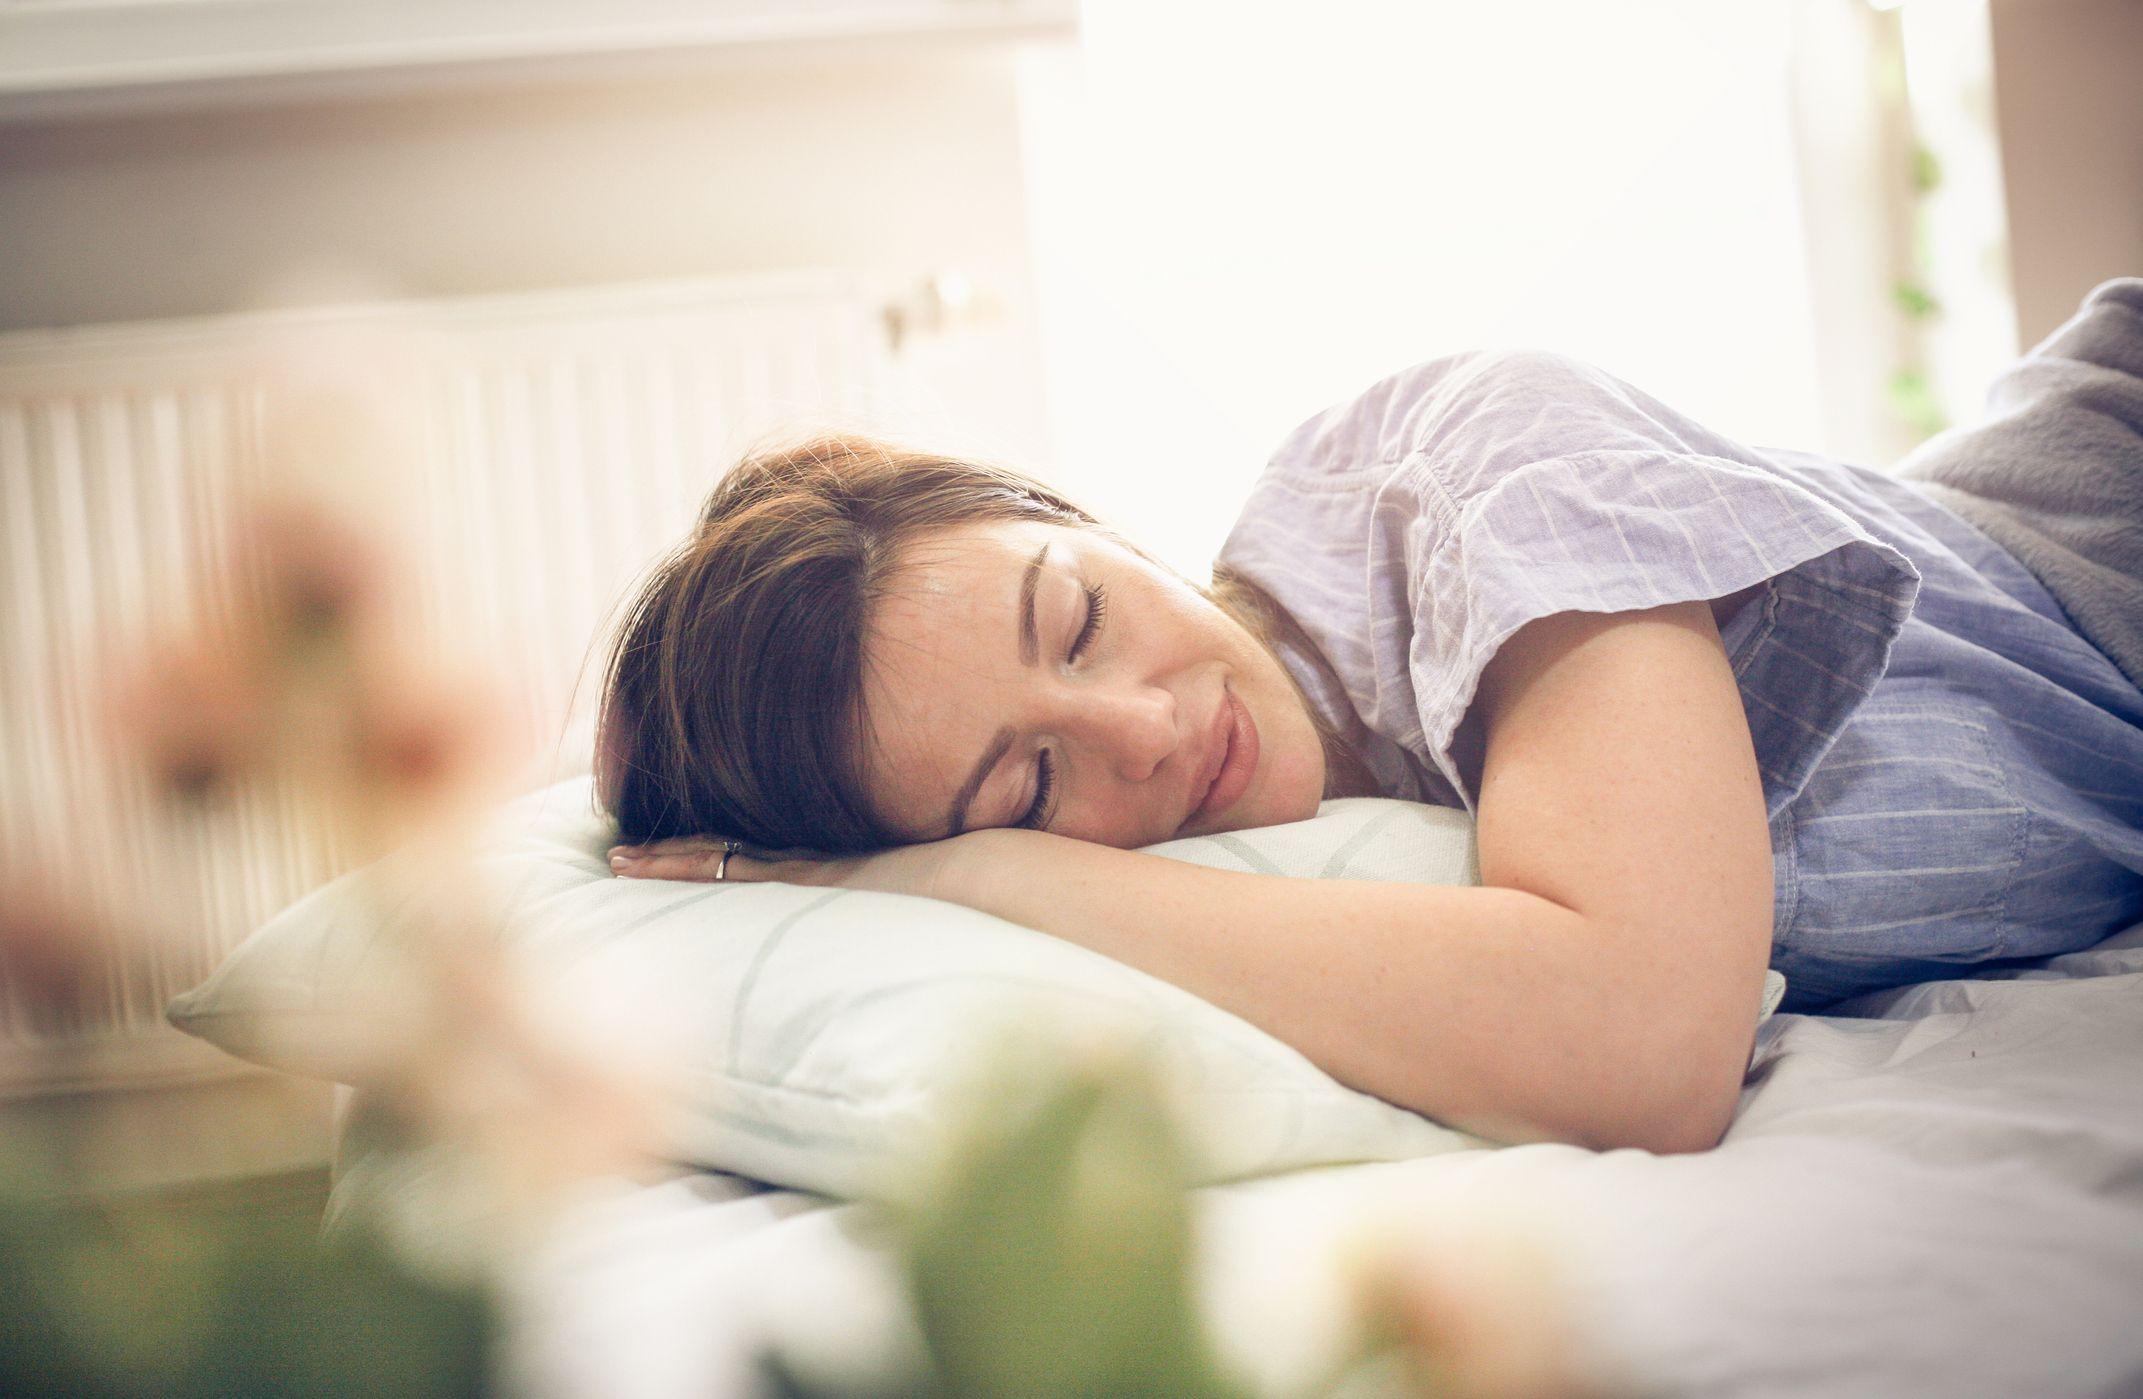 Ύπνος Στάδια: Οι συμβουλές των ειδικών για να κοιμάστε καλύτερα